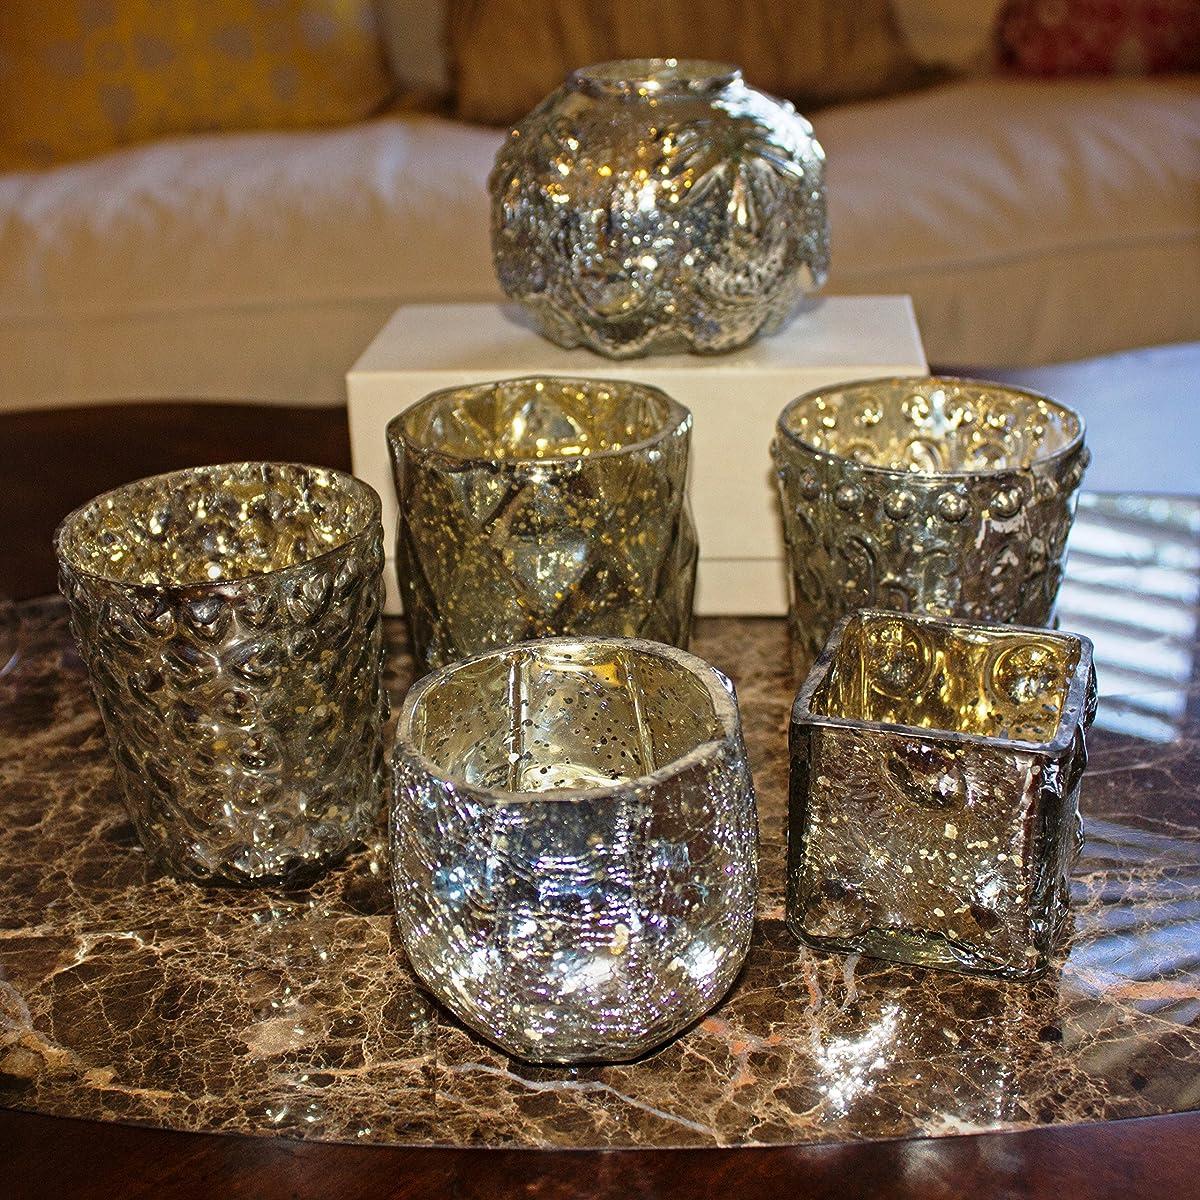 Mercury Glass Assorted Votive Candle Holders Vintage Metallic Tea Light (Set of 6)